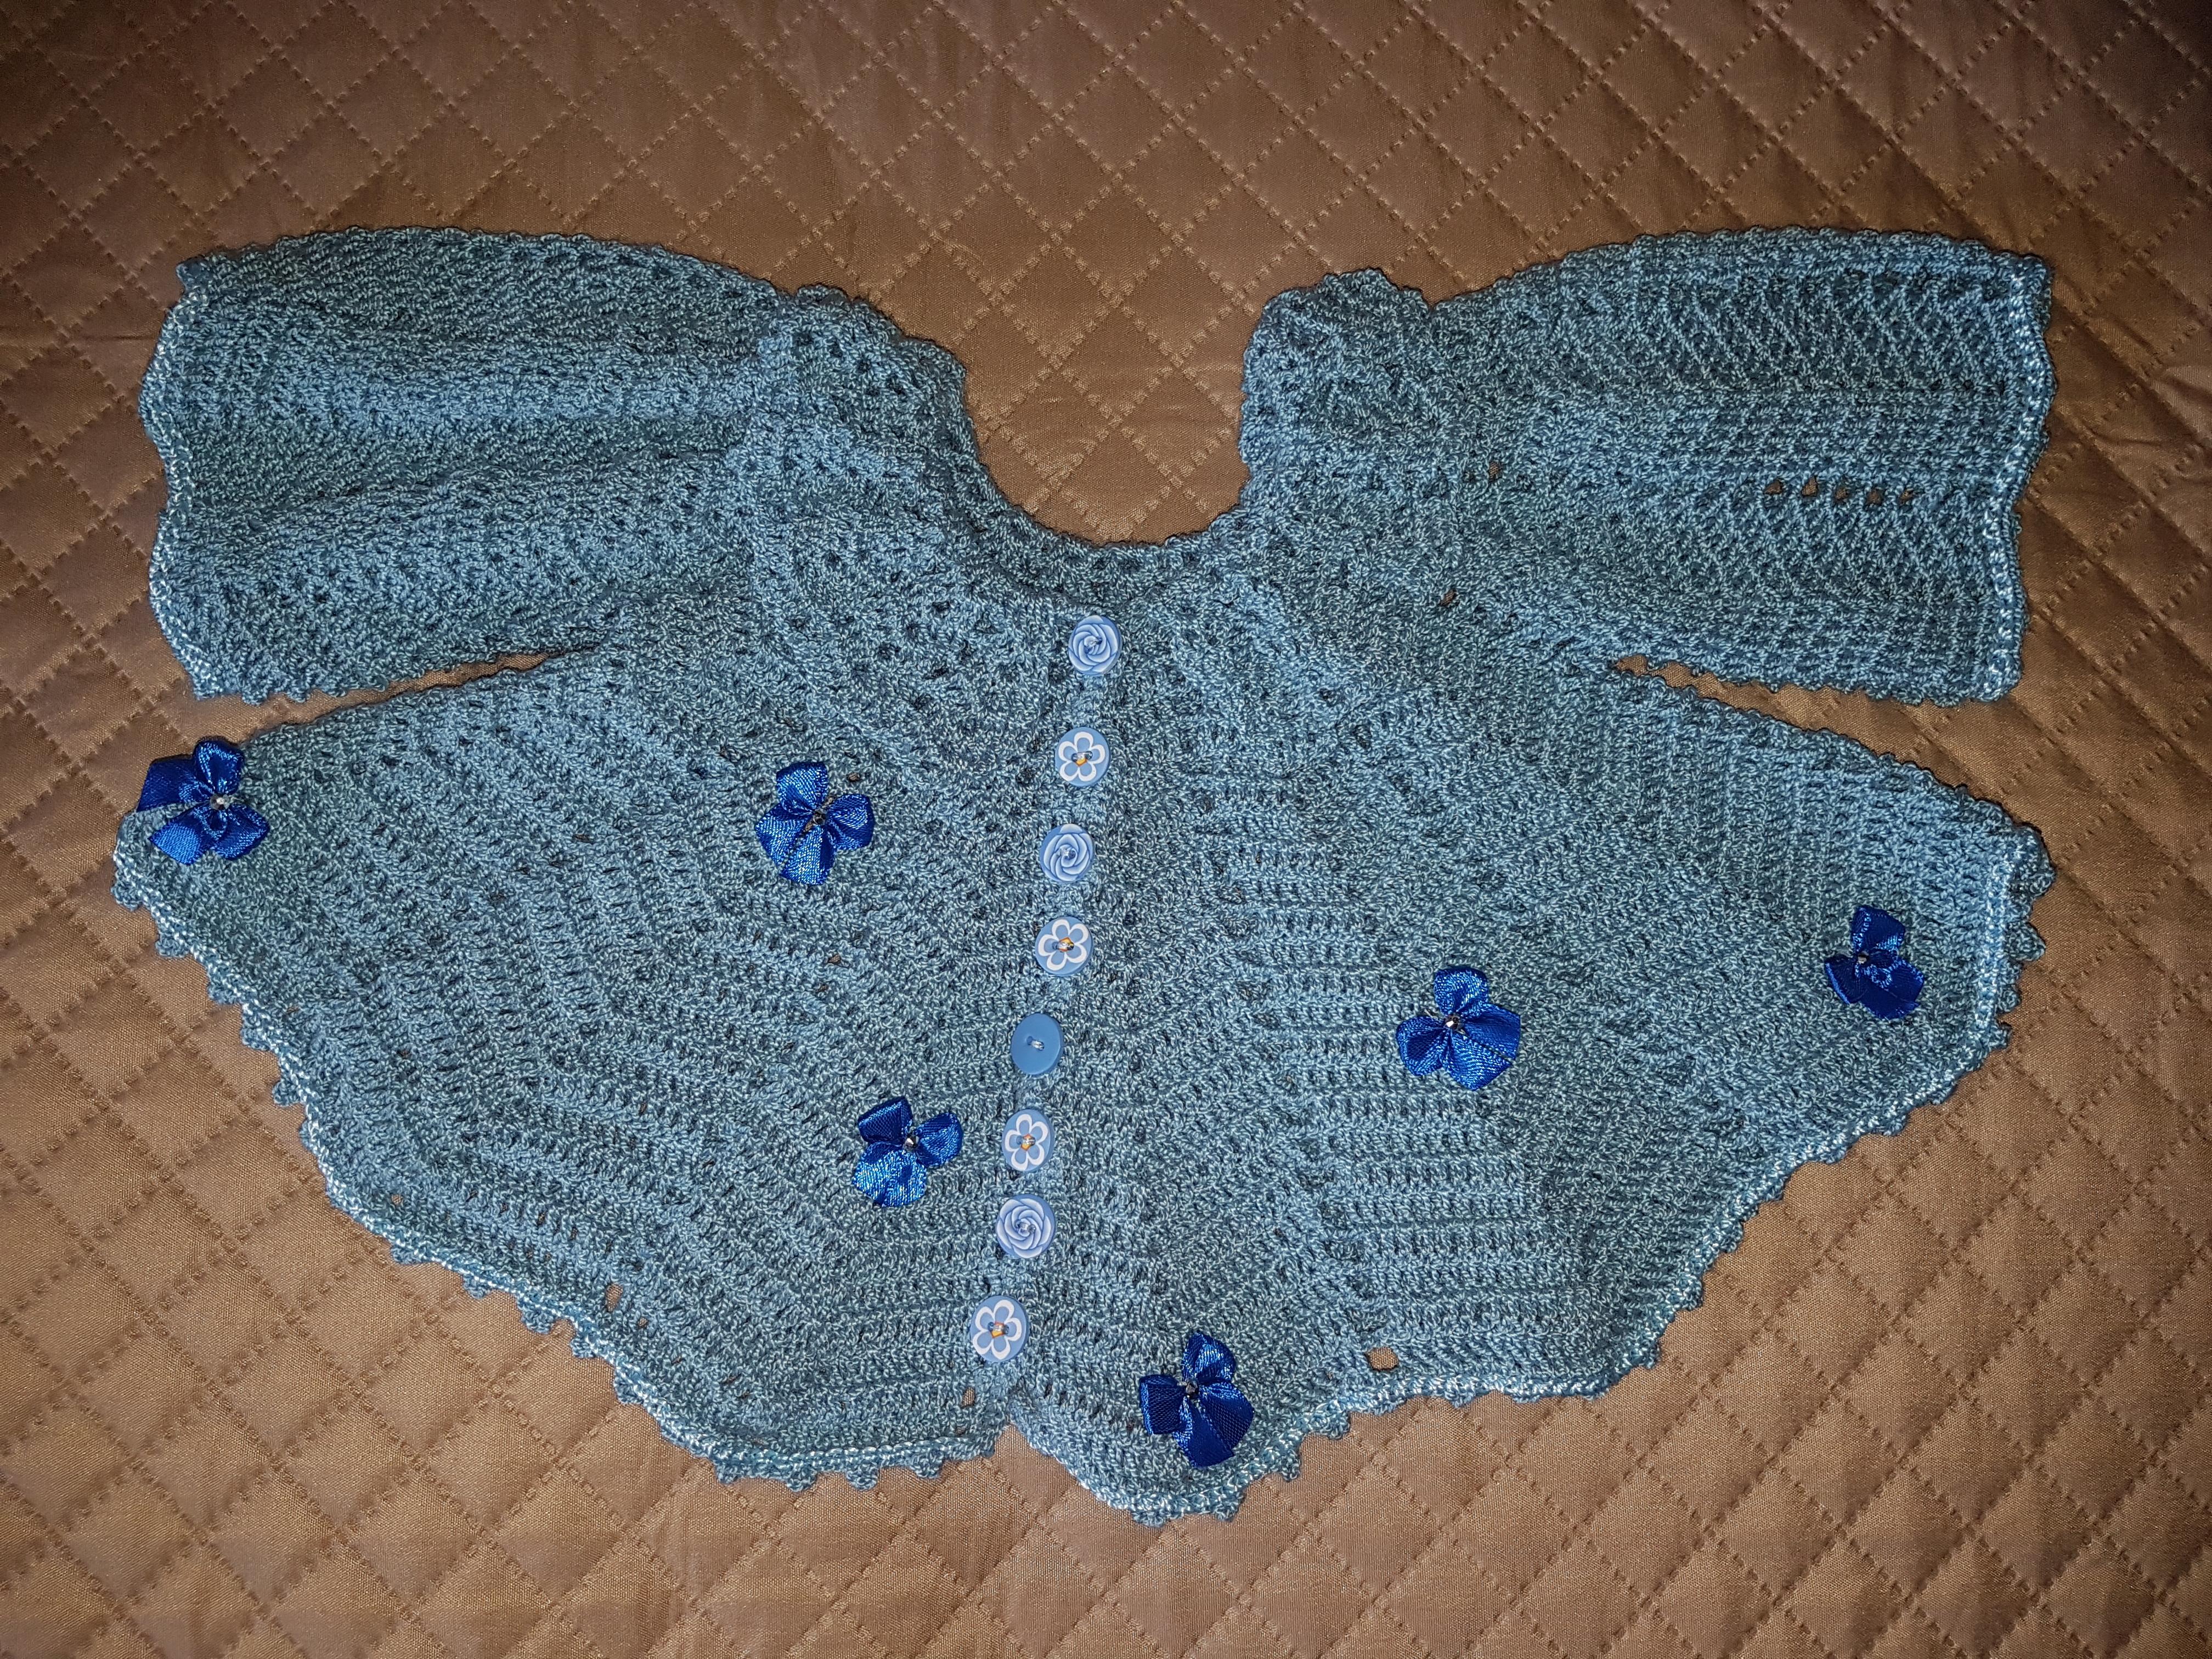 bonezinho azul com sapatinho para récem nascido no Elo7  4beaefd4bdb